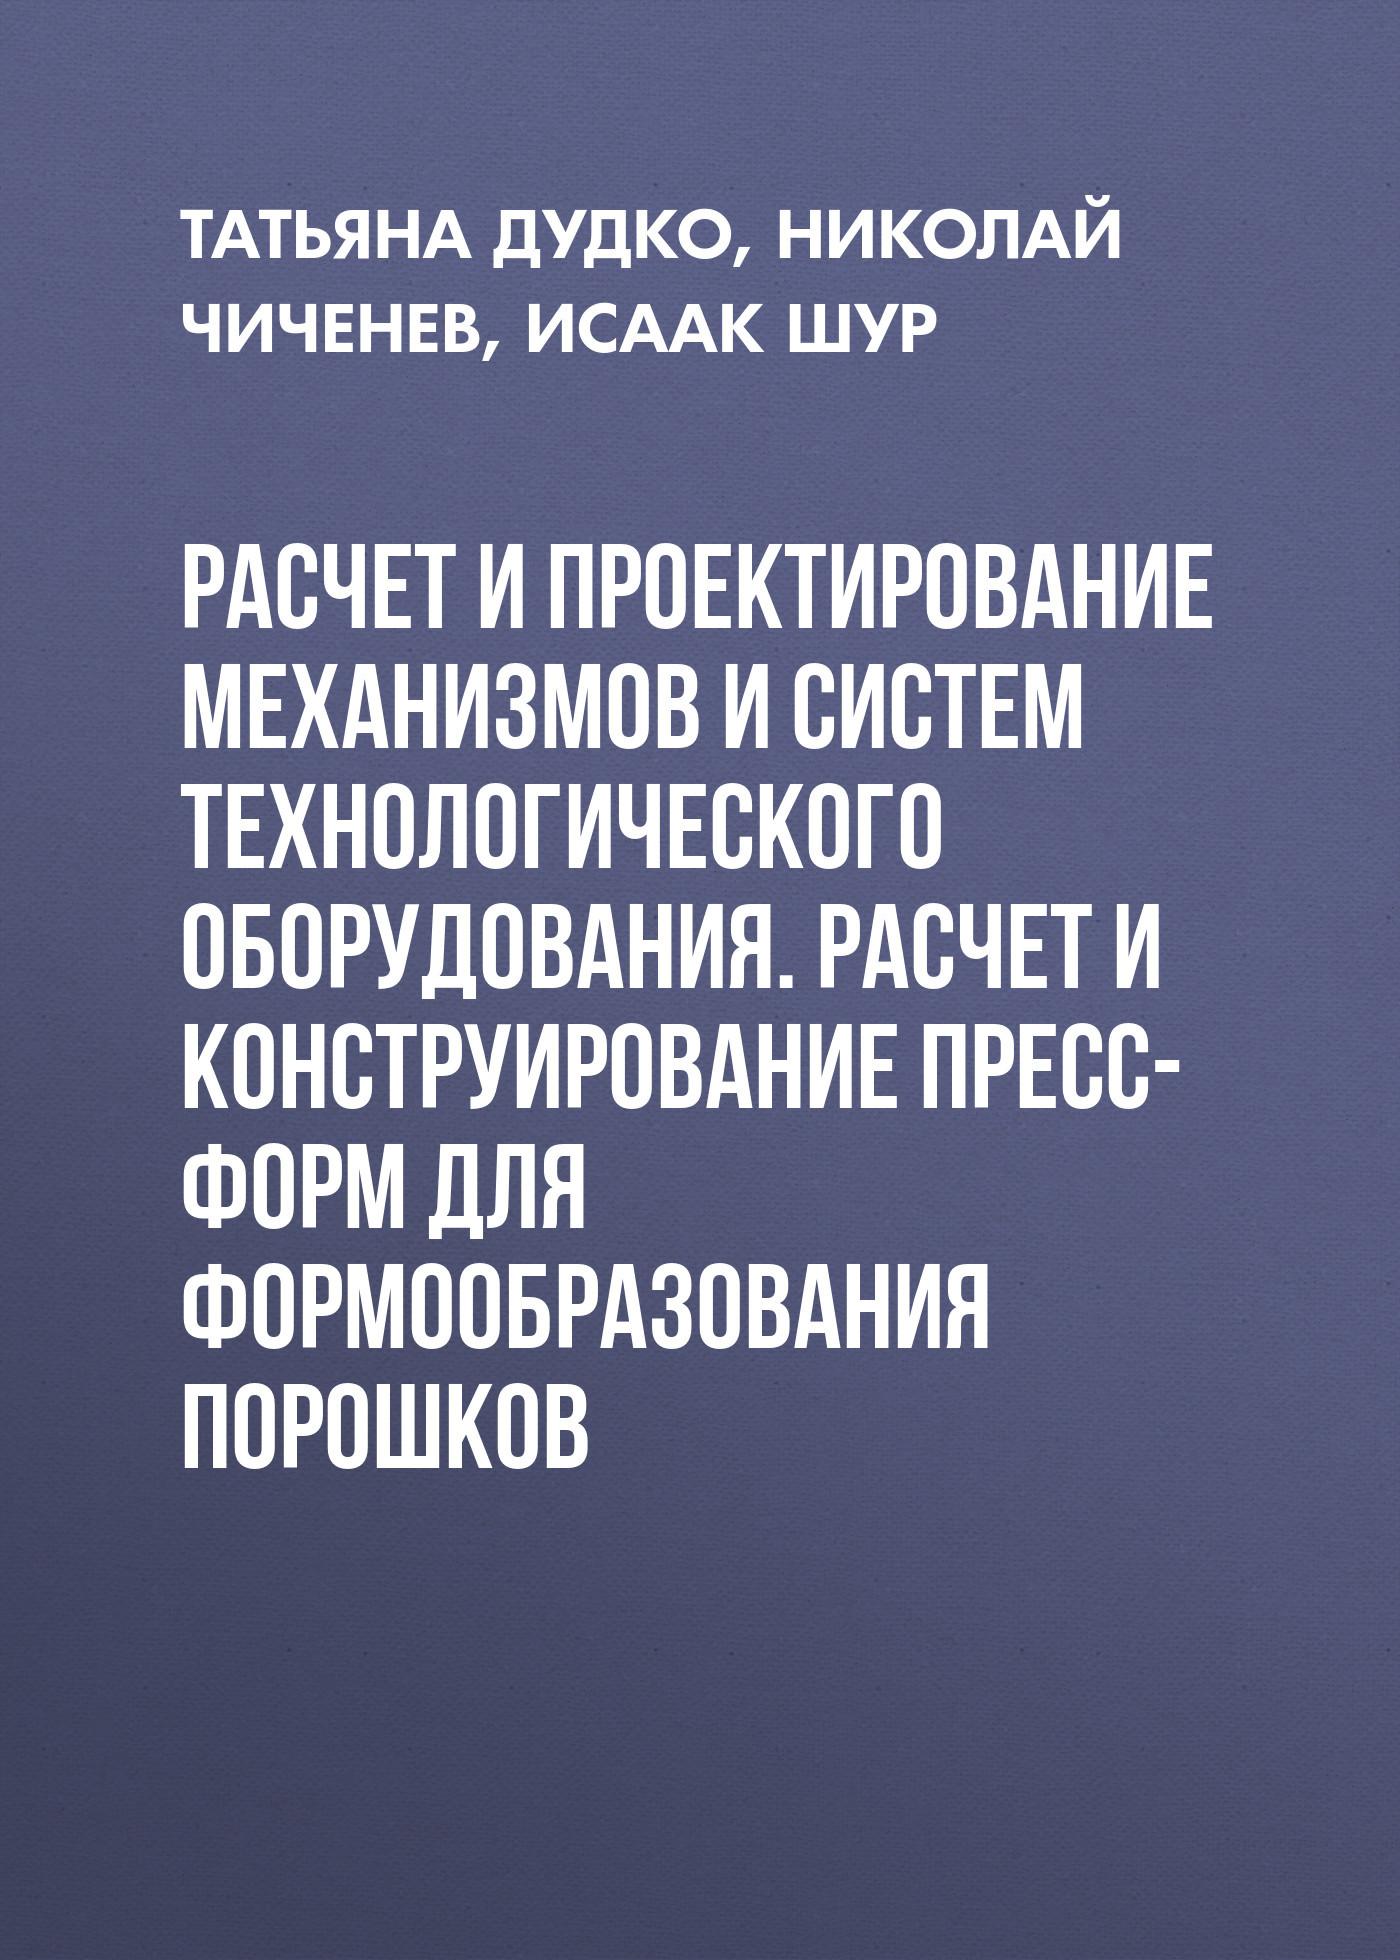 Николай Чиченев Расчет и проектирование механизмов и систем технологического оборудования. Расчет и конструирование пресс-форм для формообразования порошков